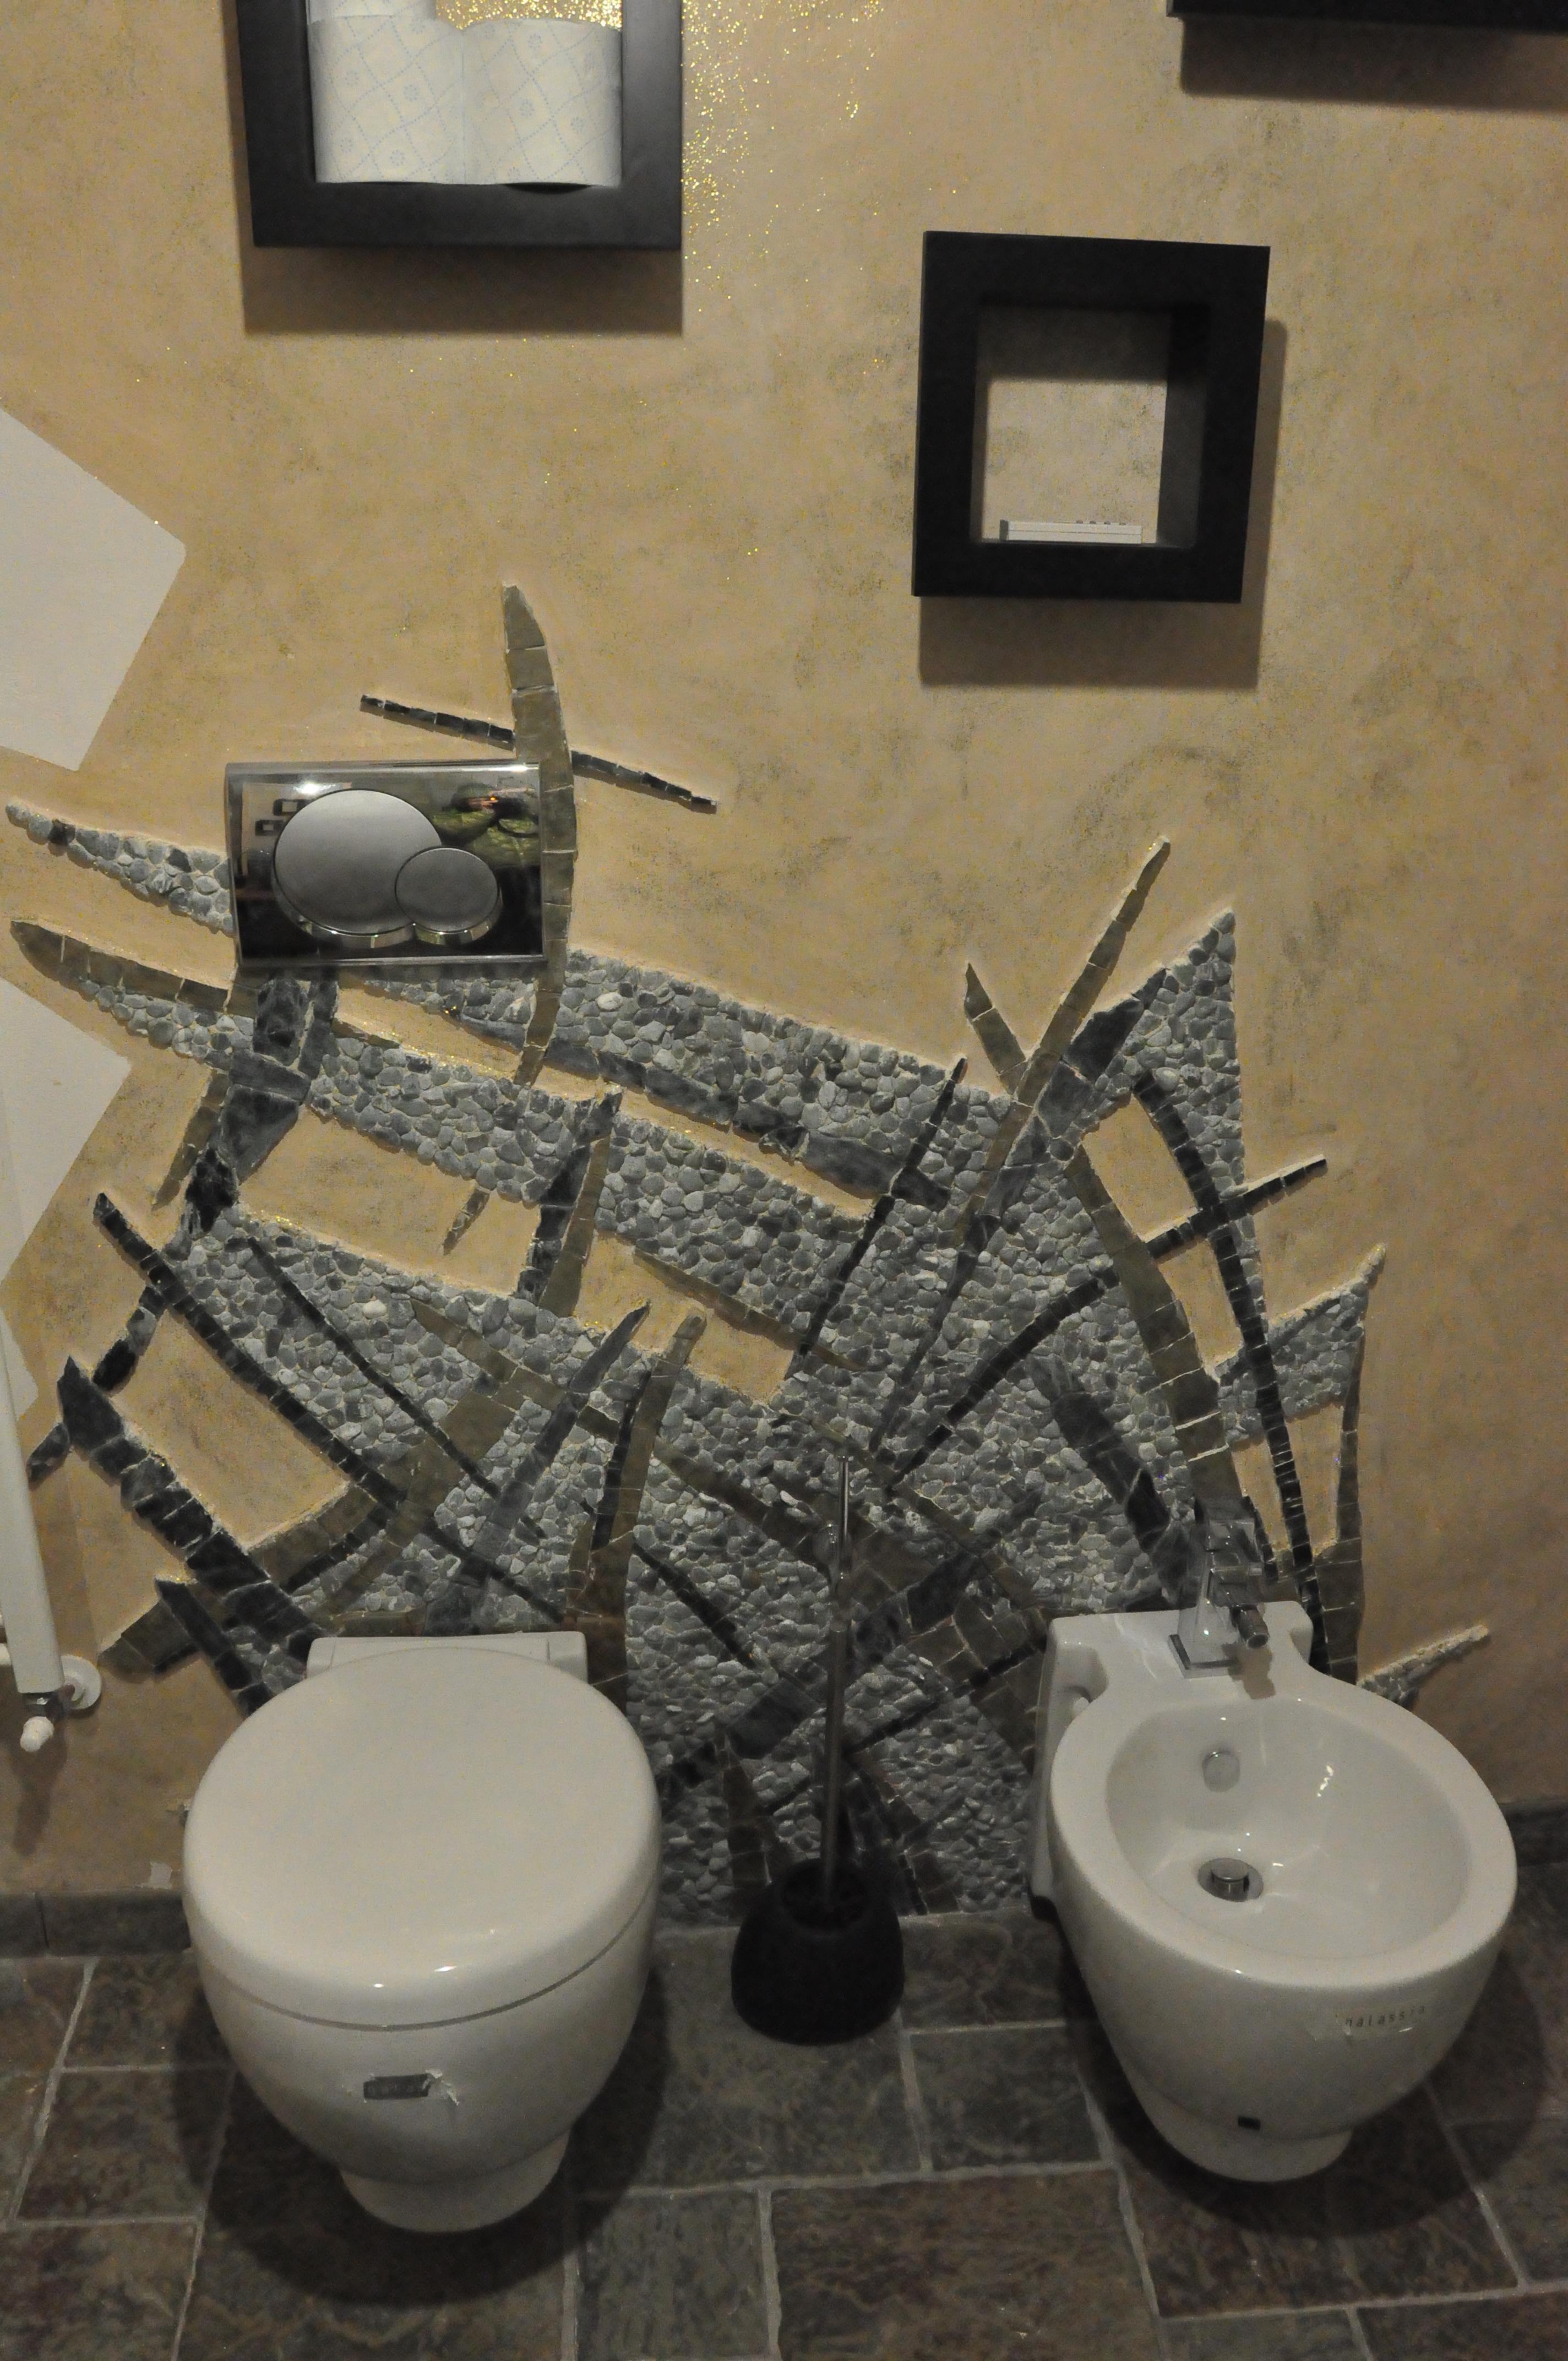 Arredamento bagno mercatone uno: arredobagno mobili bagno e arredo ...